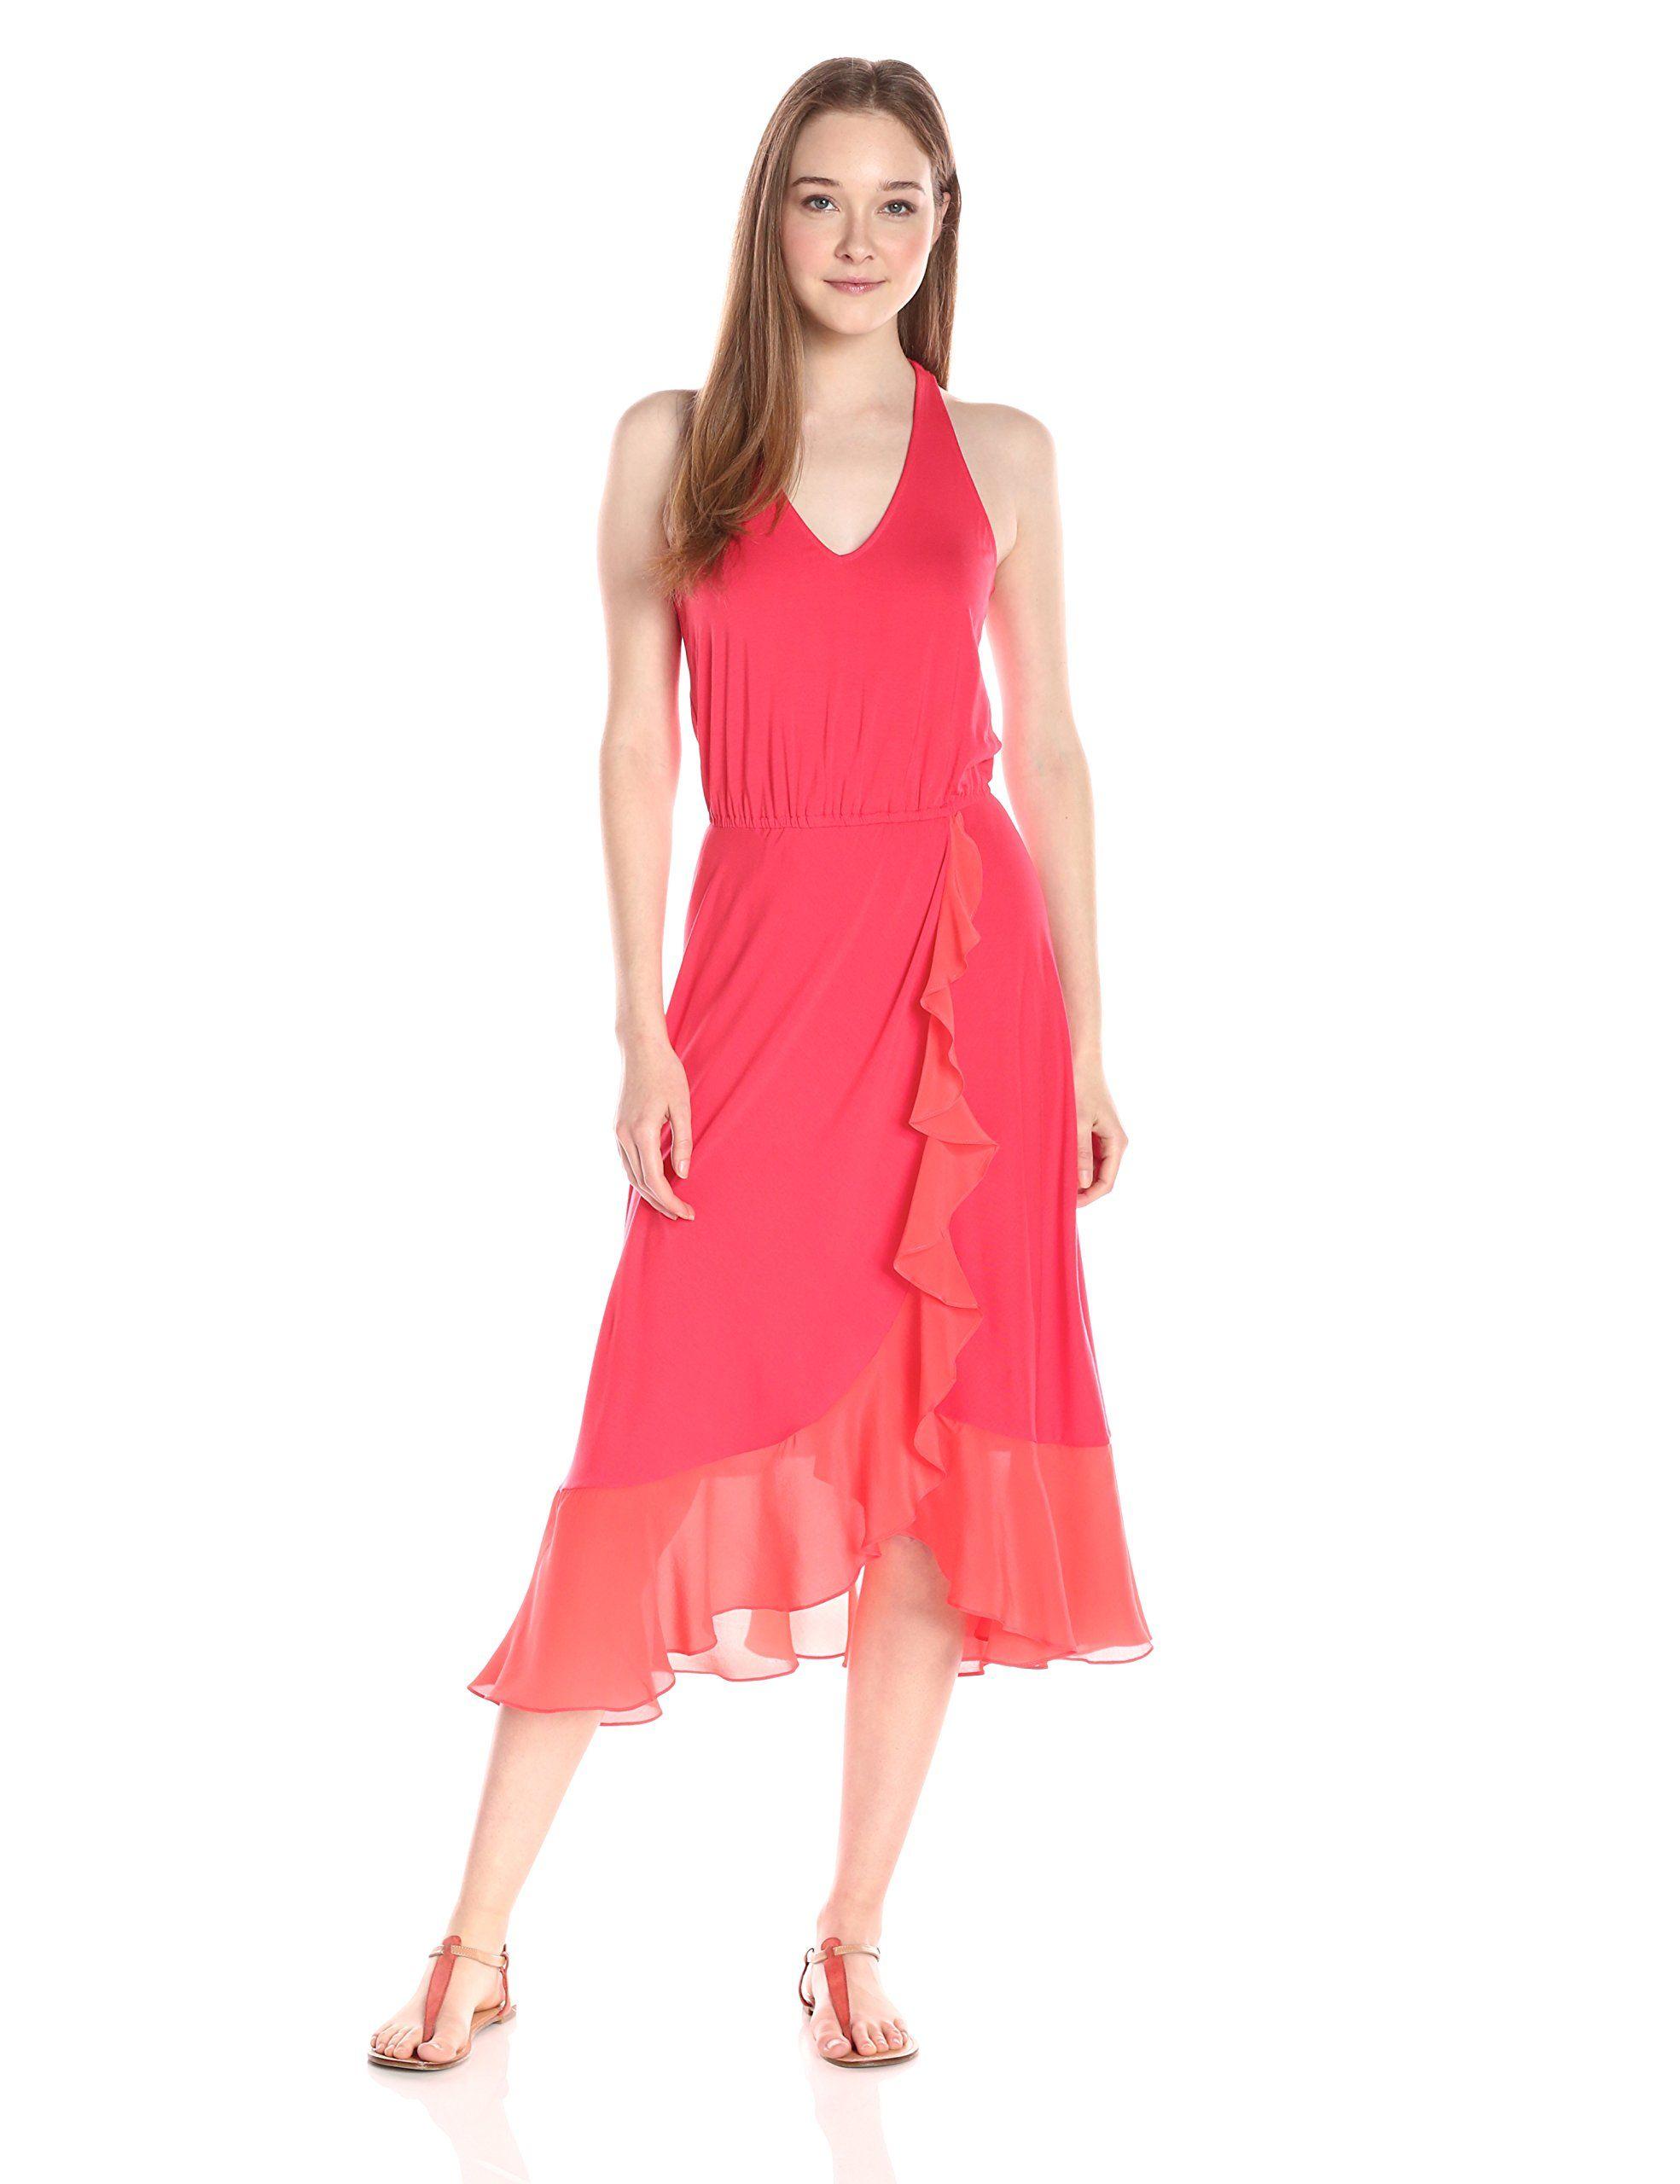 Ella moss womenus bella sleeveless ruffle skirt maxi dress chili x